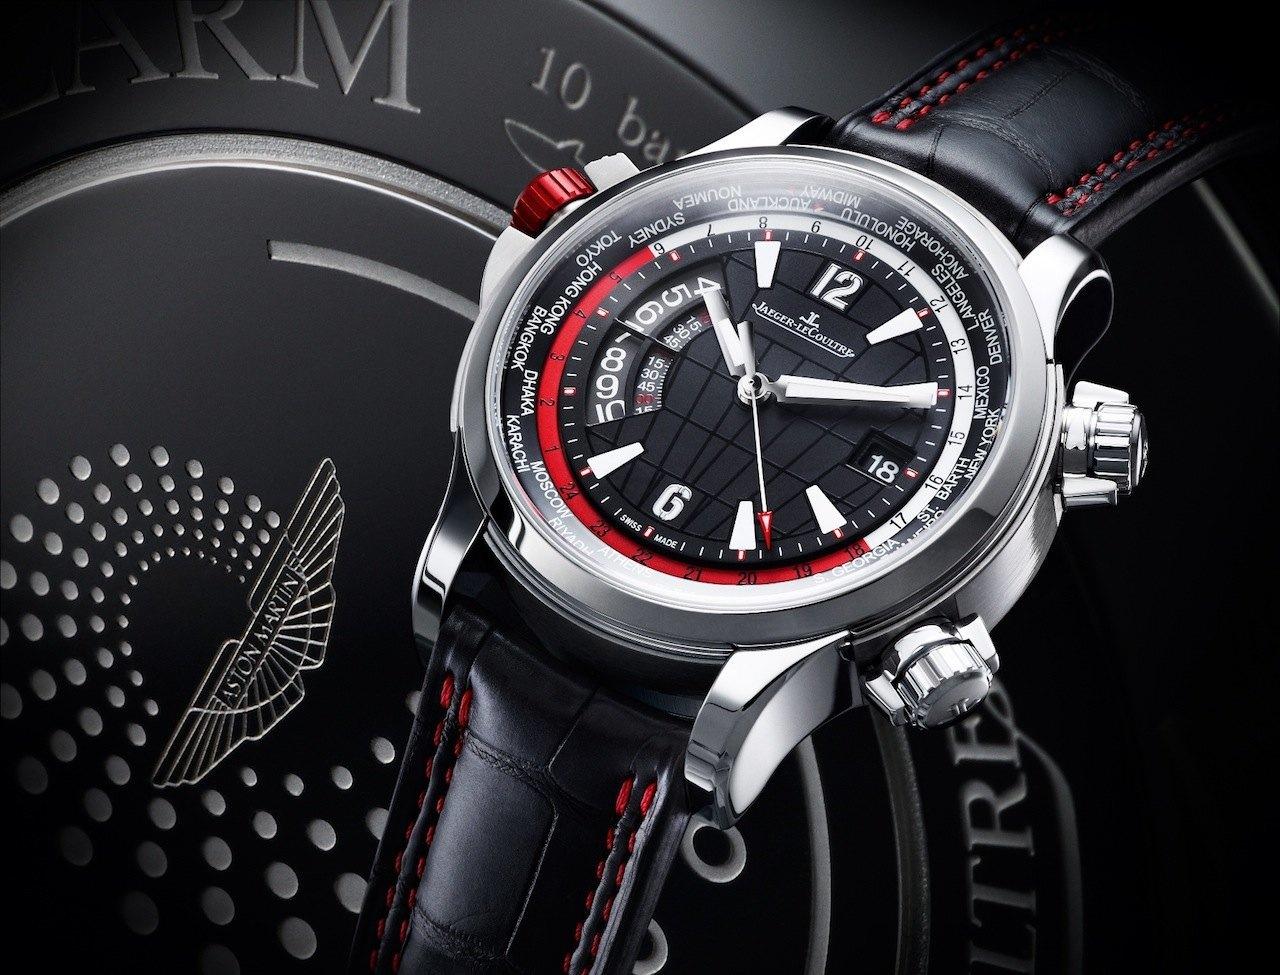 Con motivo de los 180 años de la Grande Maison y del centenario de Aston Martin, Jaeger-LeCoultre presenta 3 relojes inéditos